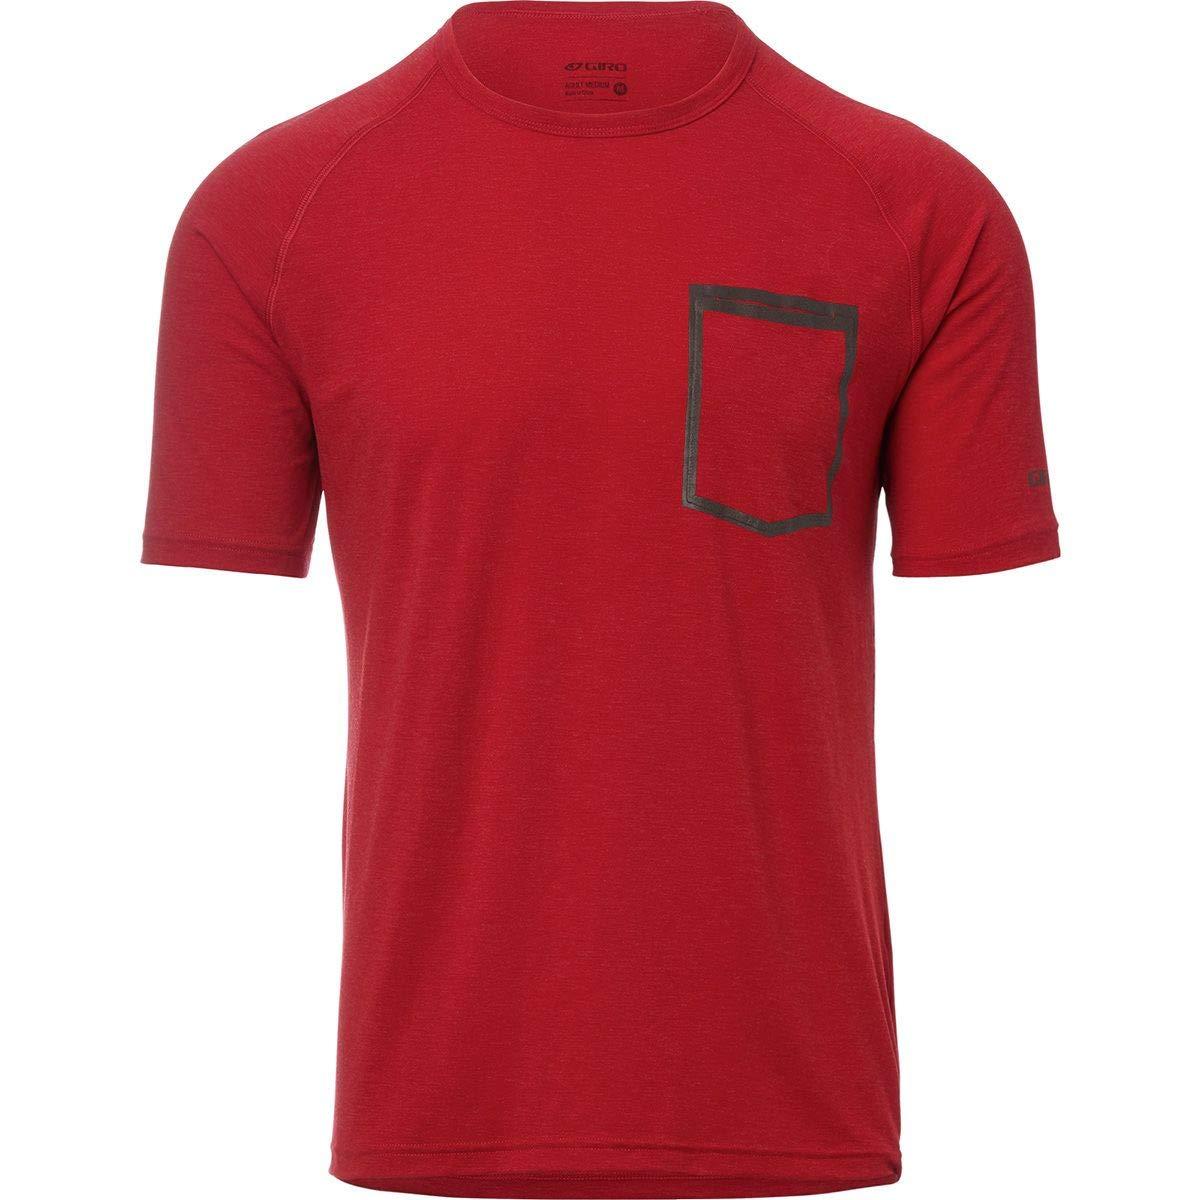 驚きの値段で [ジロ] サイクリング メンズ サイクリング [並行輸入品] Venture Short-Sleeve Jersey [並行輸入品] XL Short-Sleeve B07P3ZFMCB, わいわいカンパニー:ce2a51a7 --- arianechie.dominiotemporario.com